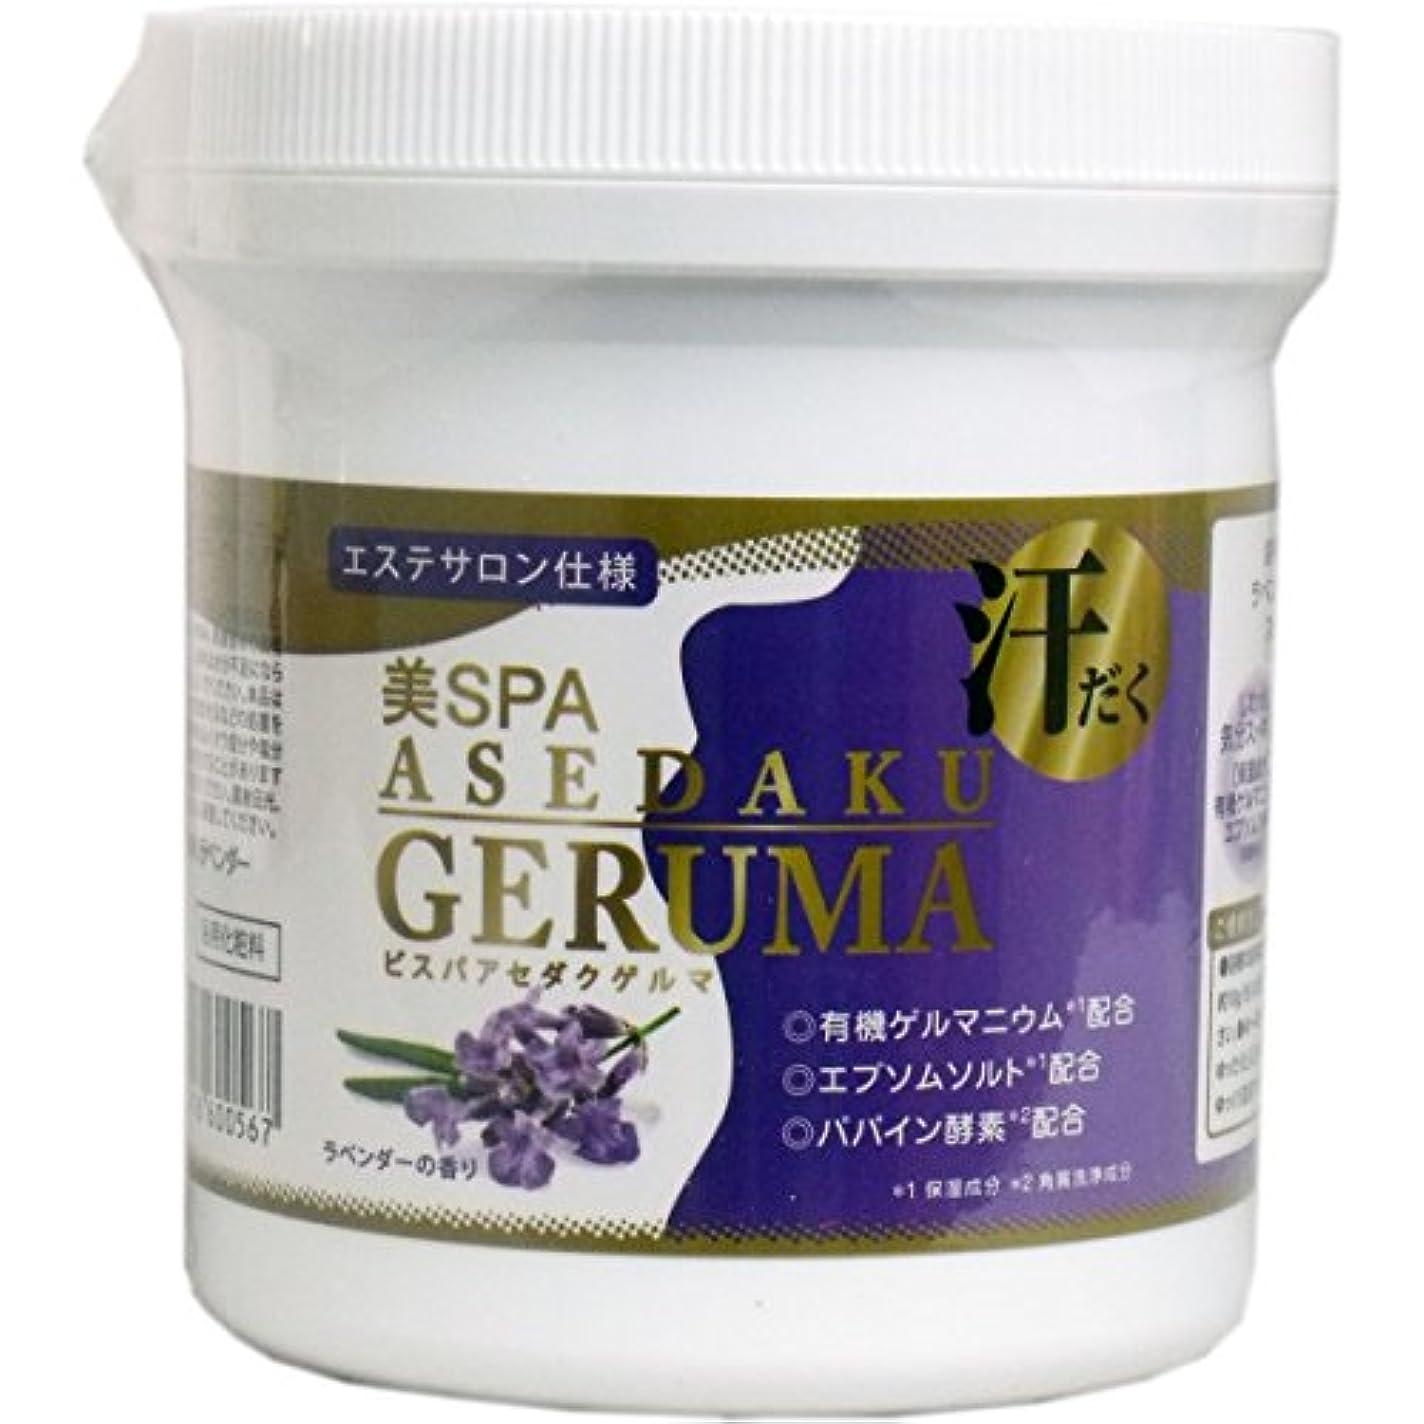 ゲルマニウム入浴料 美SPA ASEDAKU GERUMA ラベンダー ボトル 400g